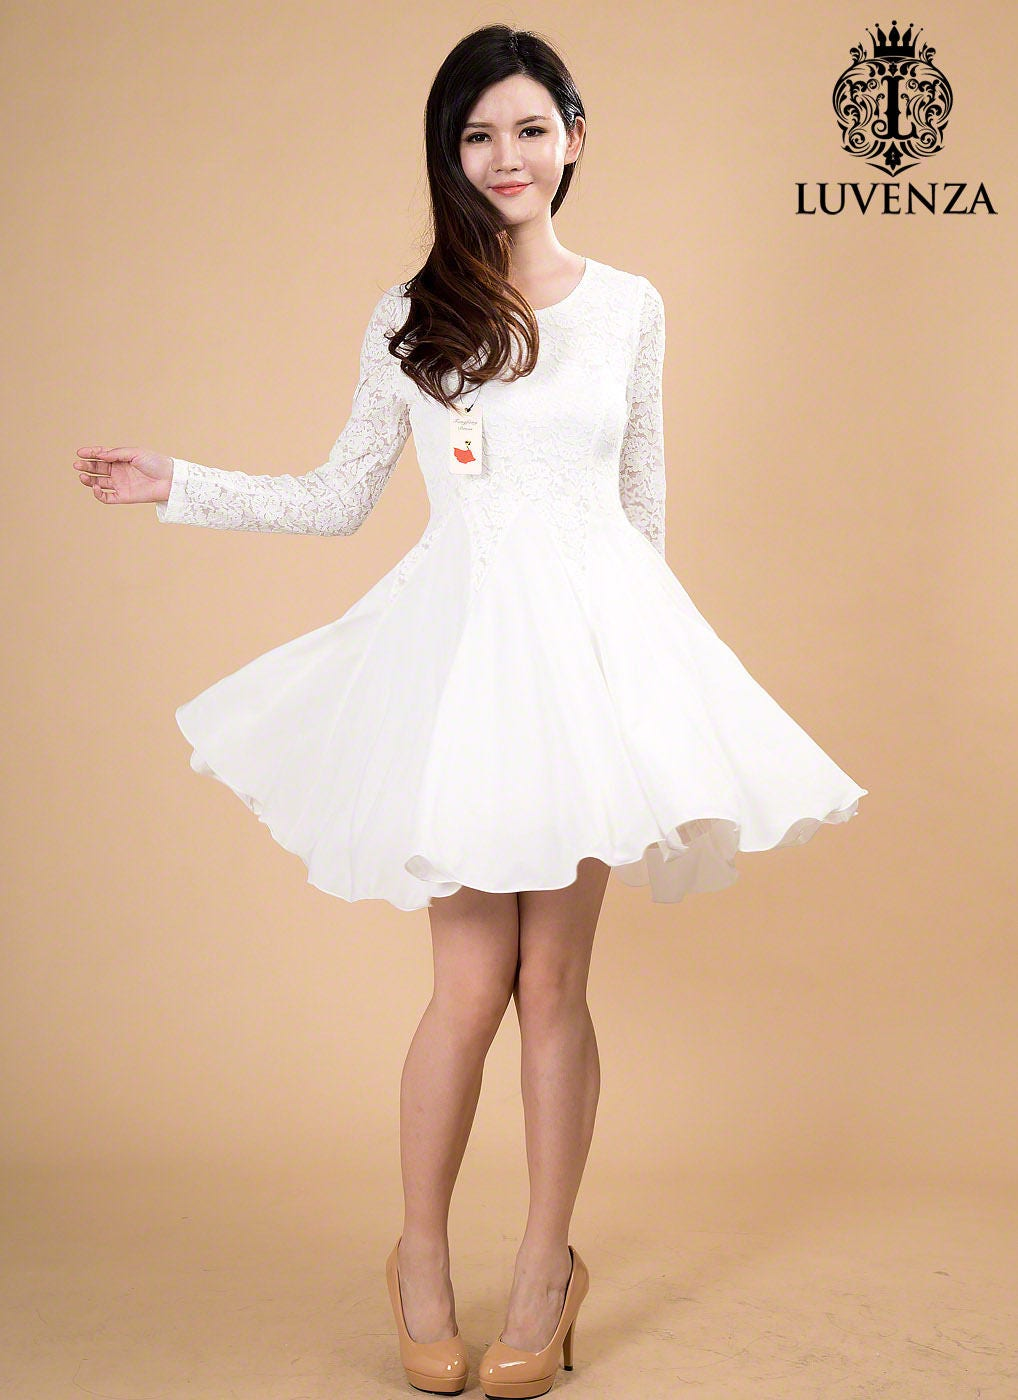 Weiße Spitze Chiffon Kleid / wenig weiß Kleid / Fit und